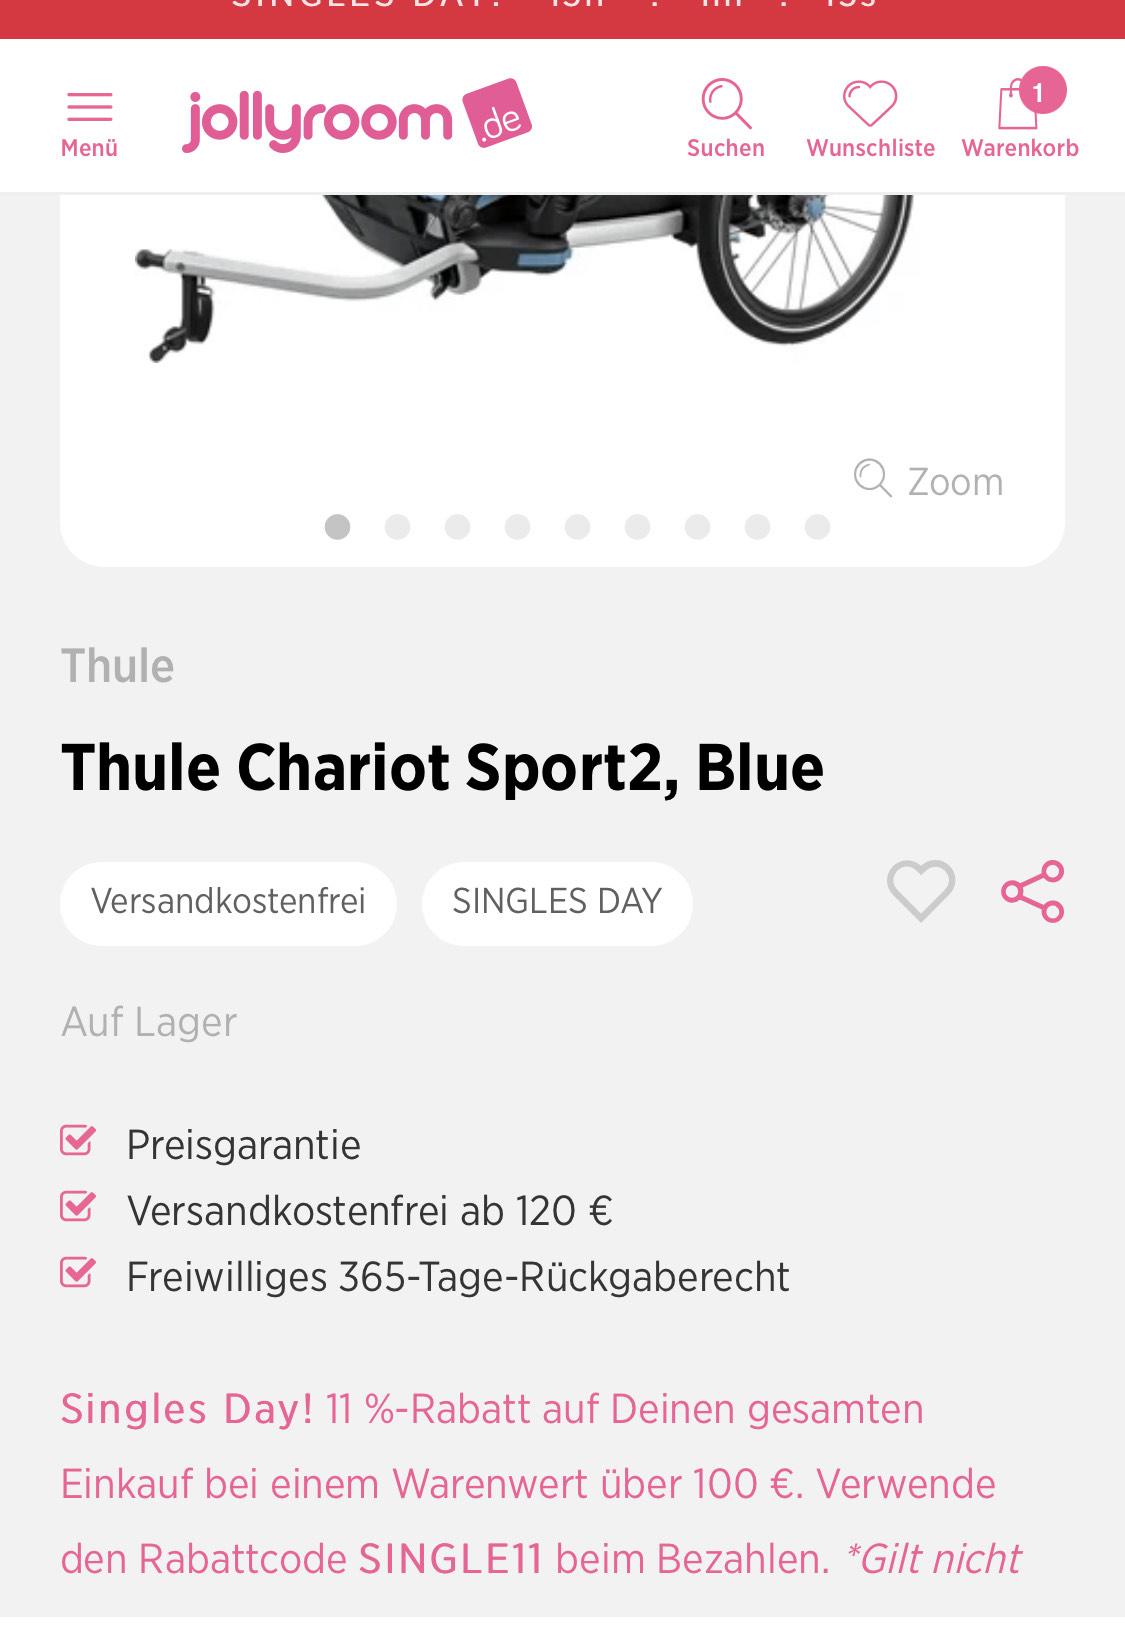 Thule Chariot Sport 2 für 890 Euro